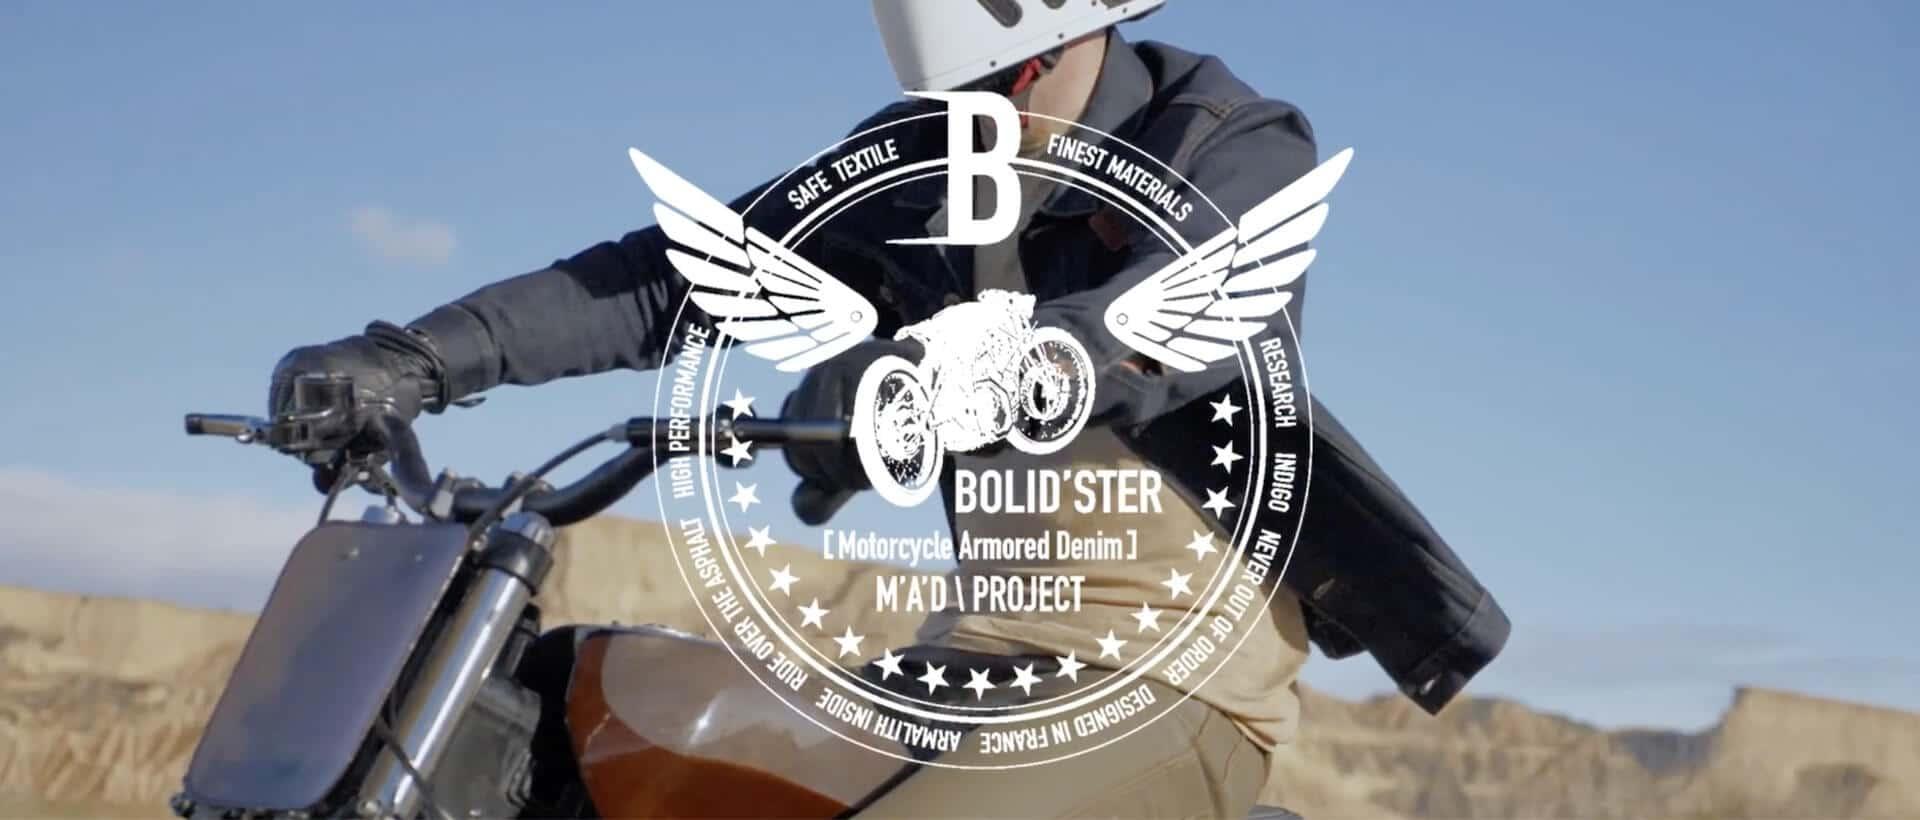 Image d'un motard avec le logo de bolid'ster par dessus